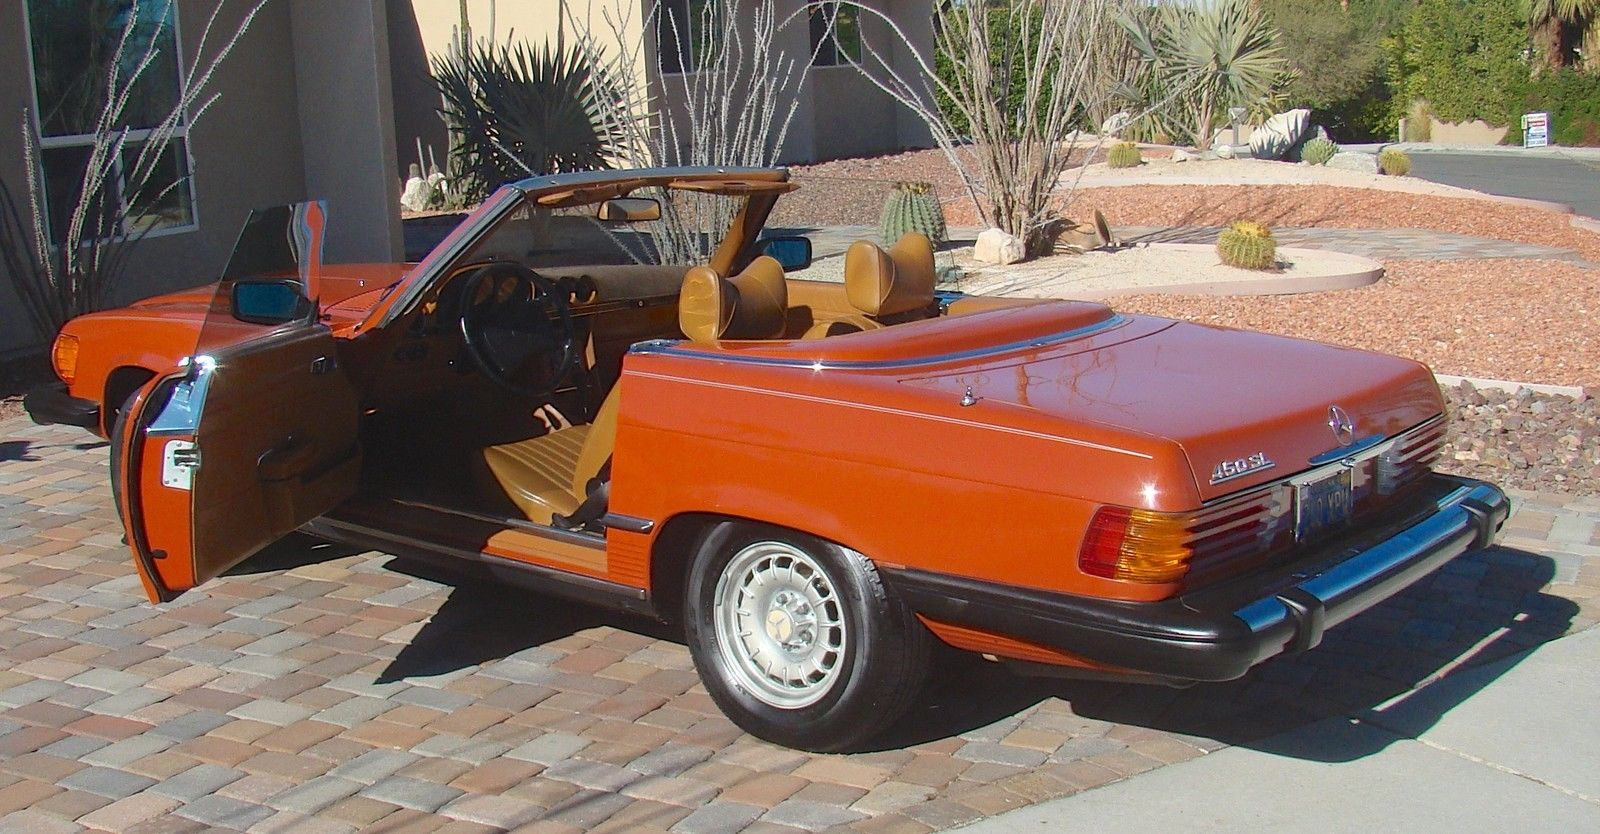 mercedes 450 sl convertible roadster 1979 r107 no reserve classic mercedes benz sl class 1979. Black Bedroom Furniture Sets. Home Design Ideas